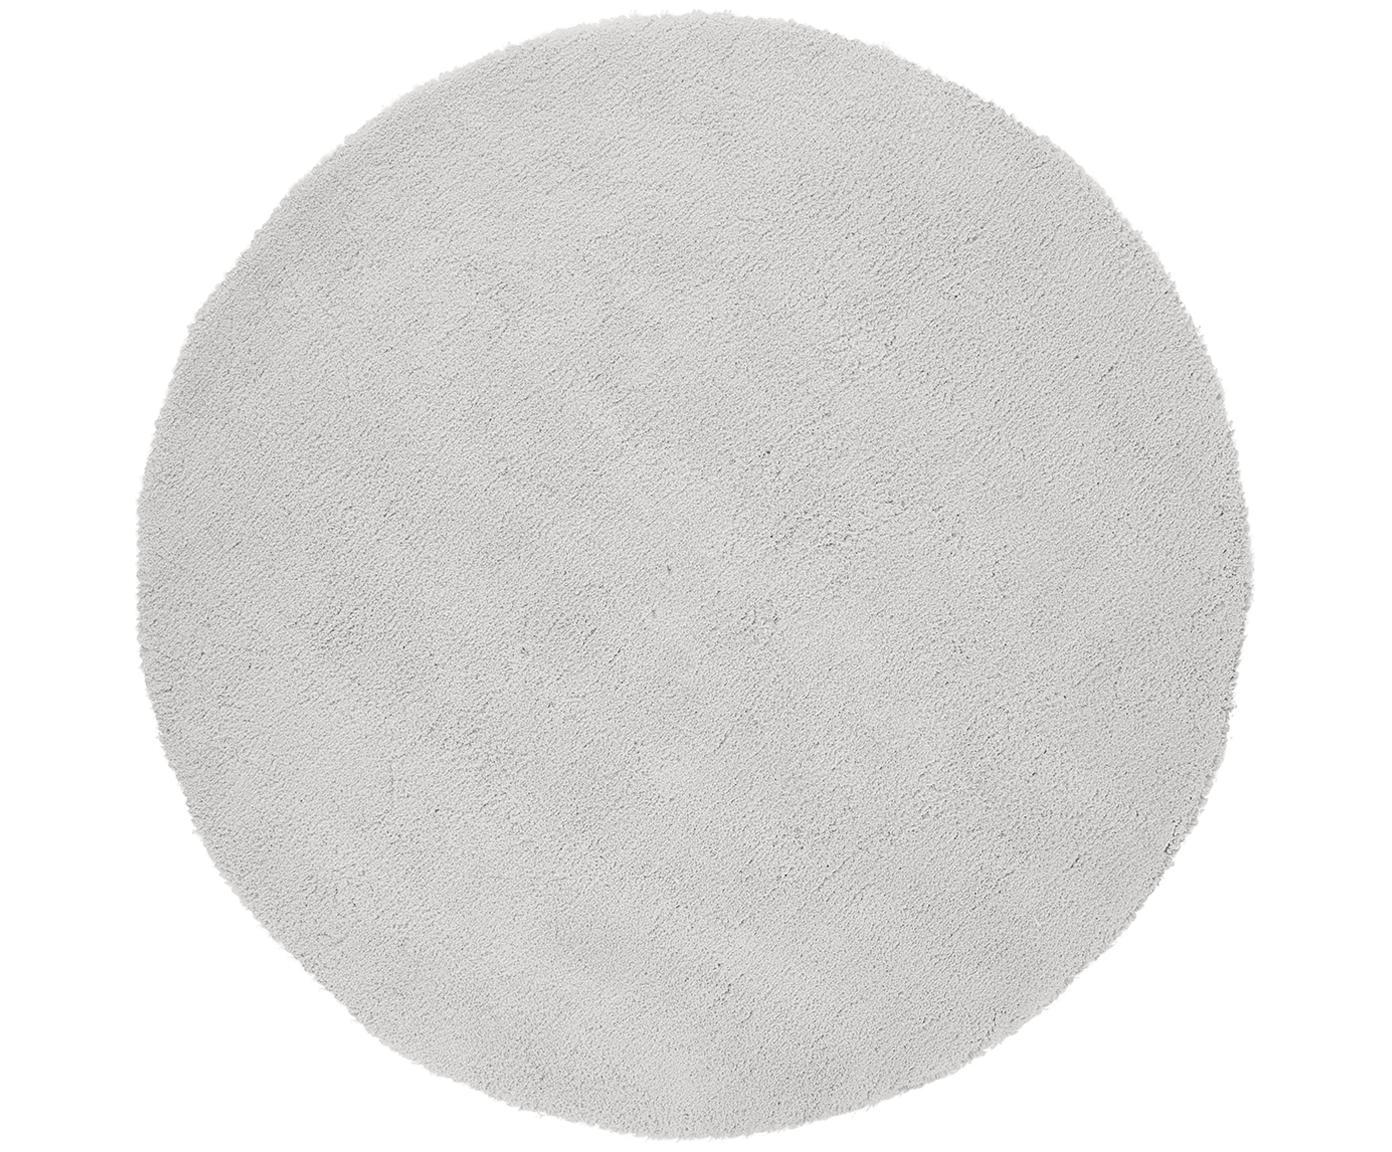 Okrągły puszysty dywan z wysokim stosem Leighton, Jasny szary, Ø 200 cm (Rozmiar L)